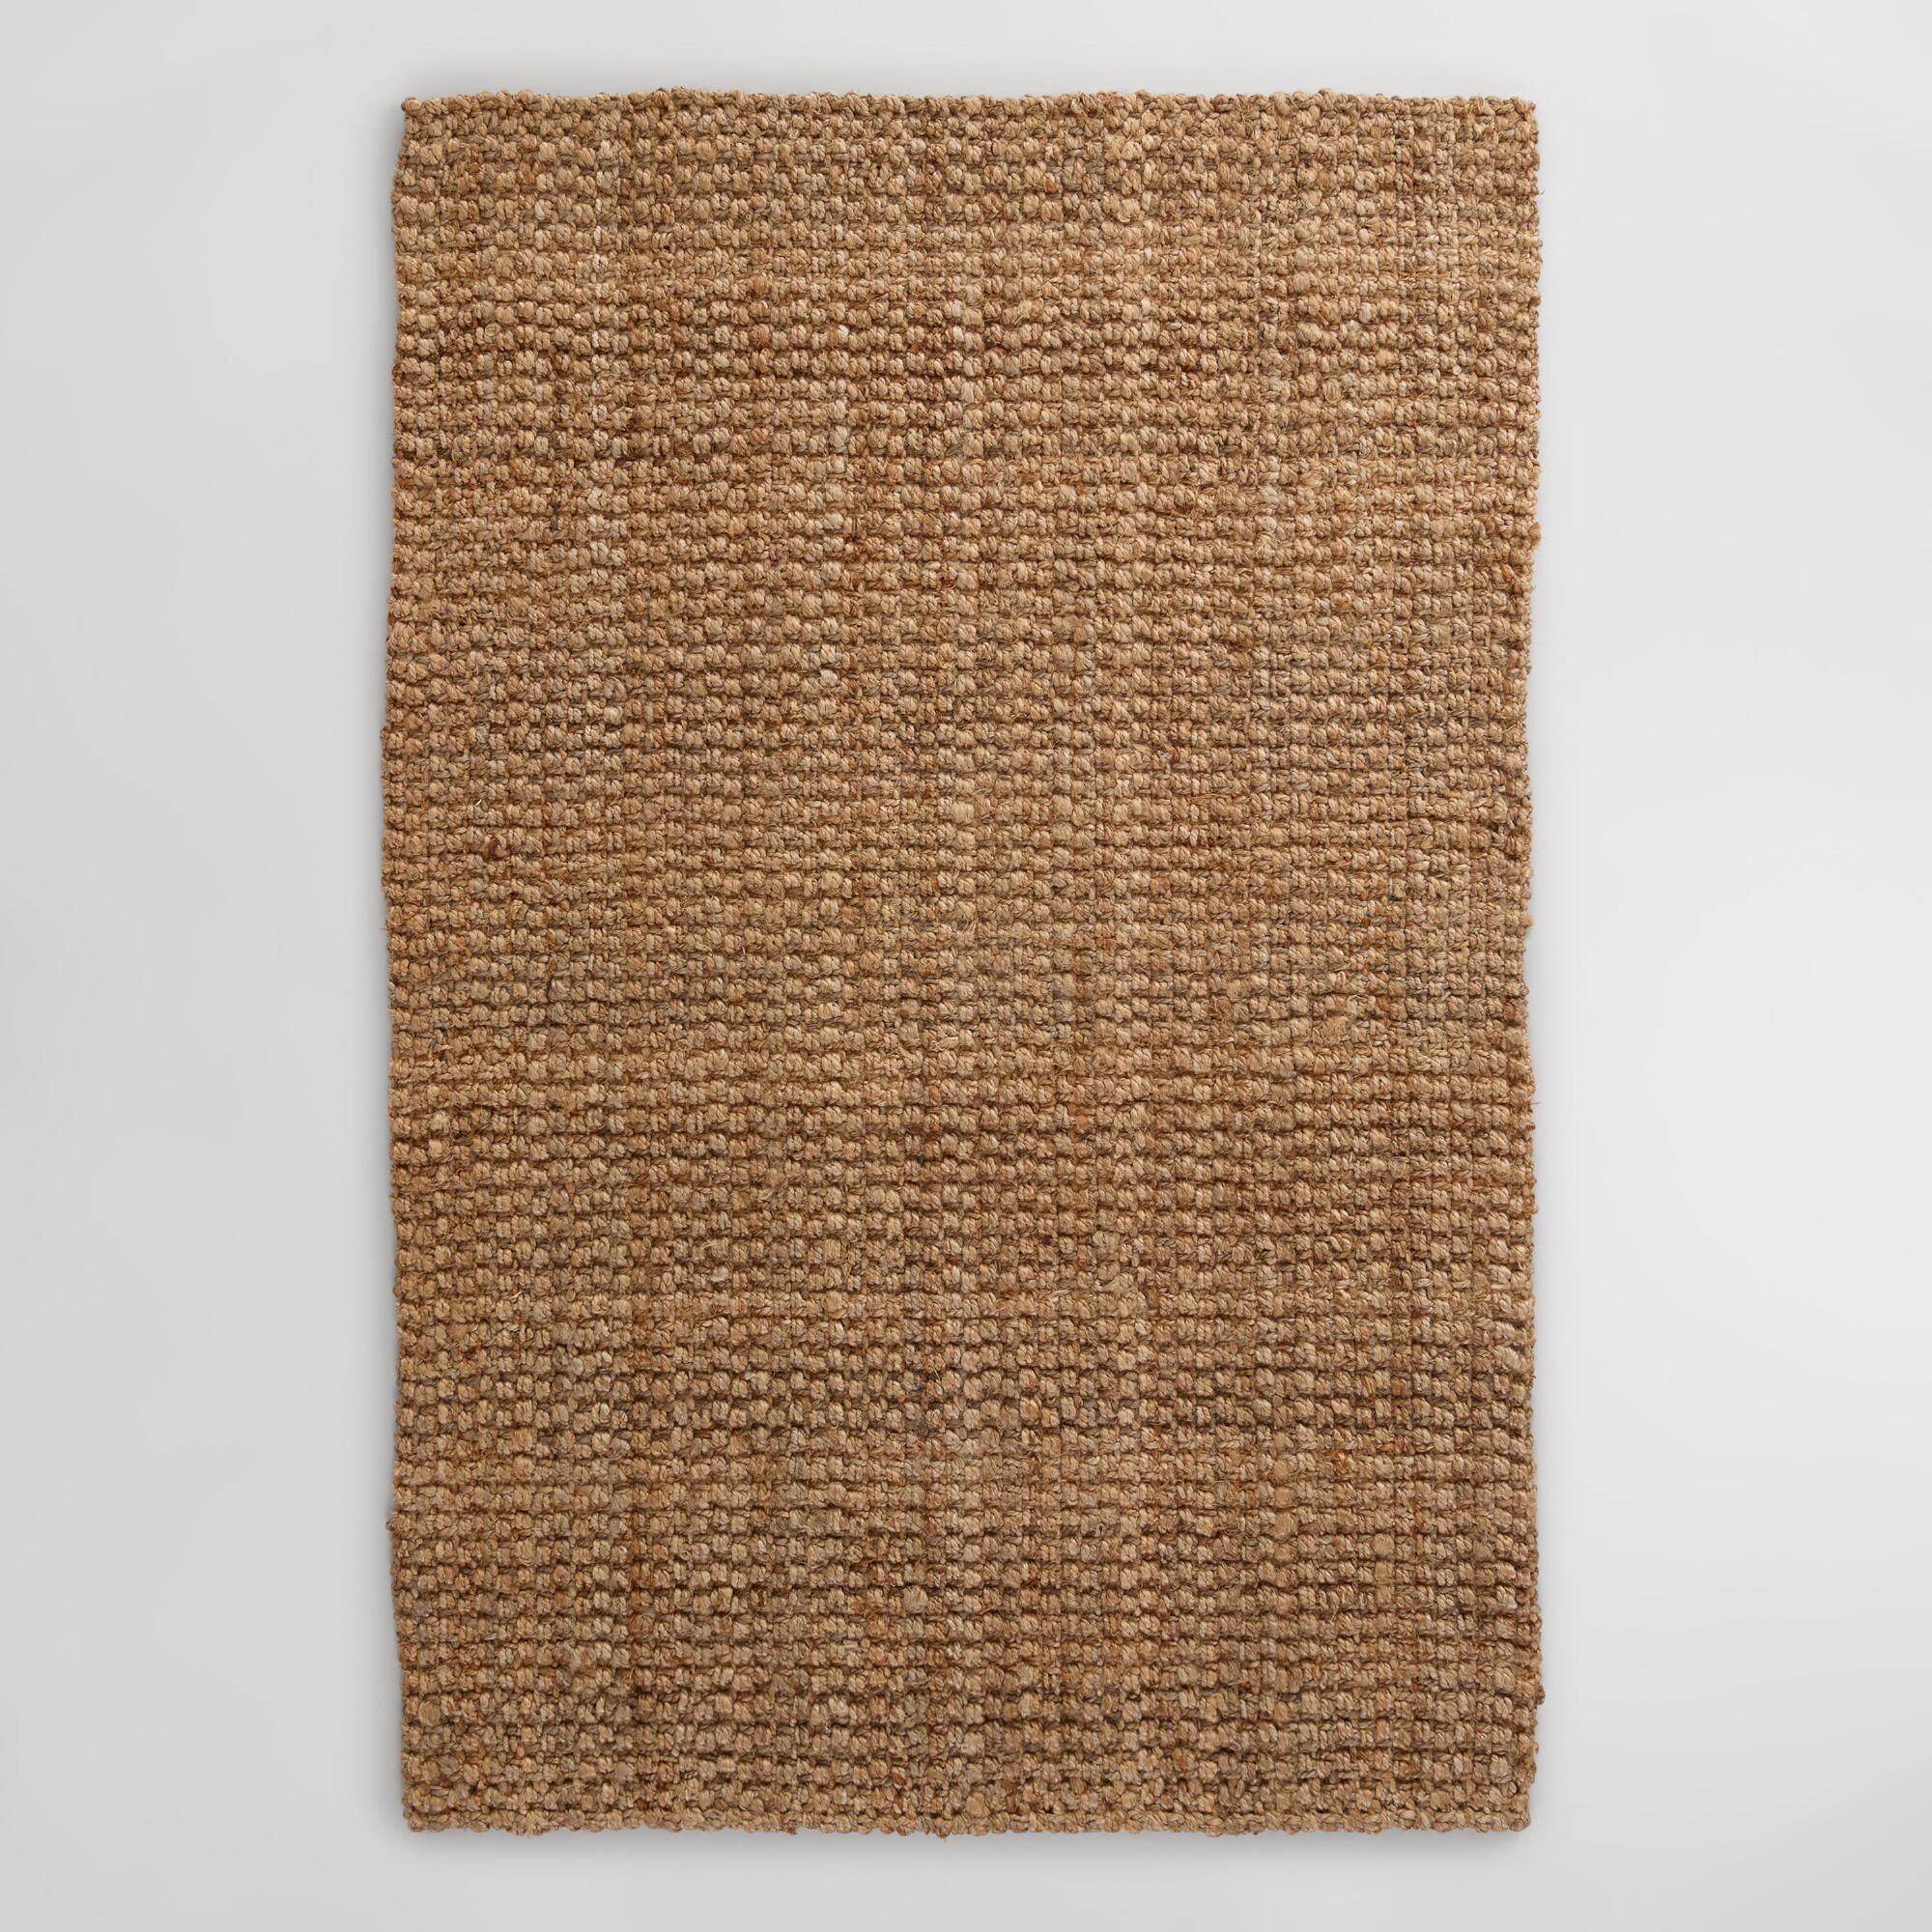 Natural Basket Weave Jute Rug With Images Jute Rug Rug World